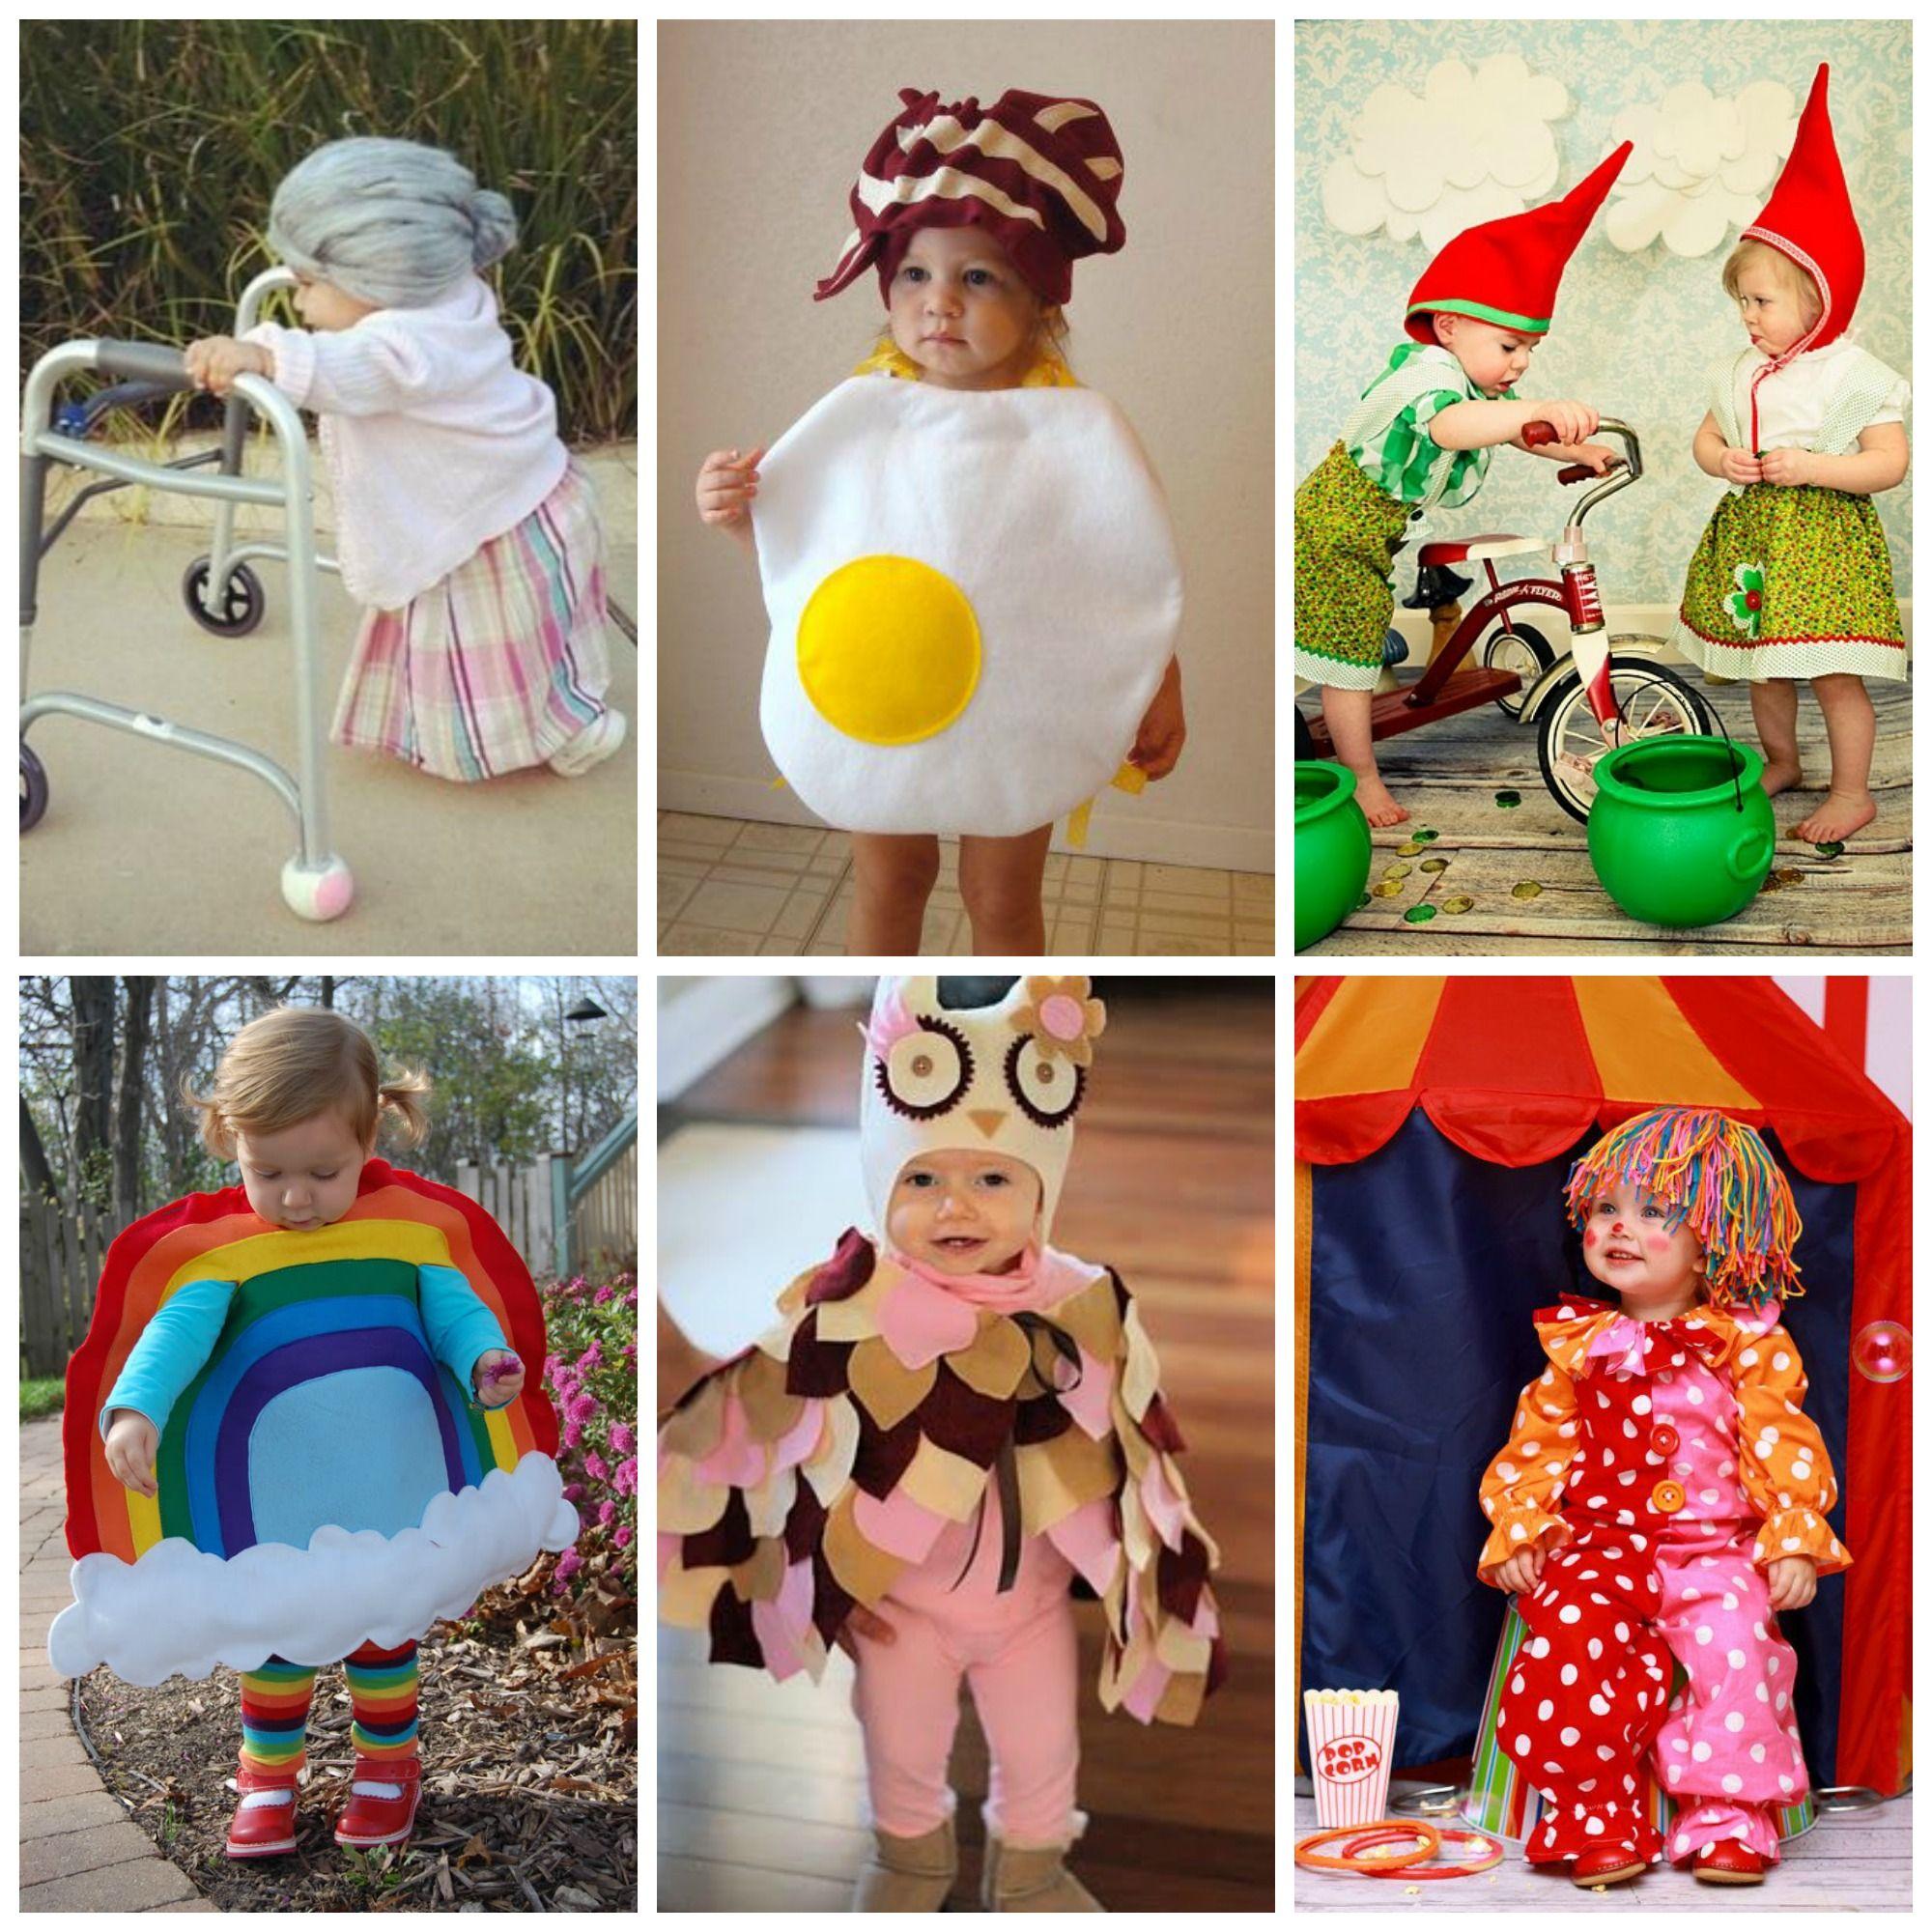 disfraces originales Disfraces originales para niños